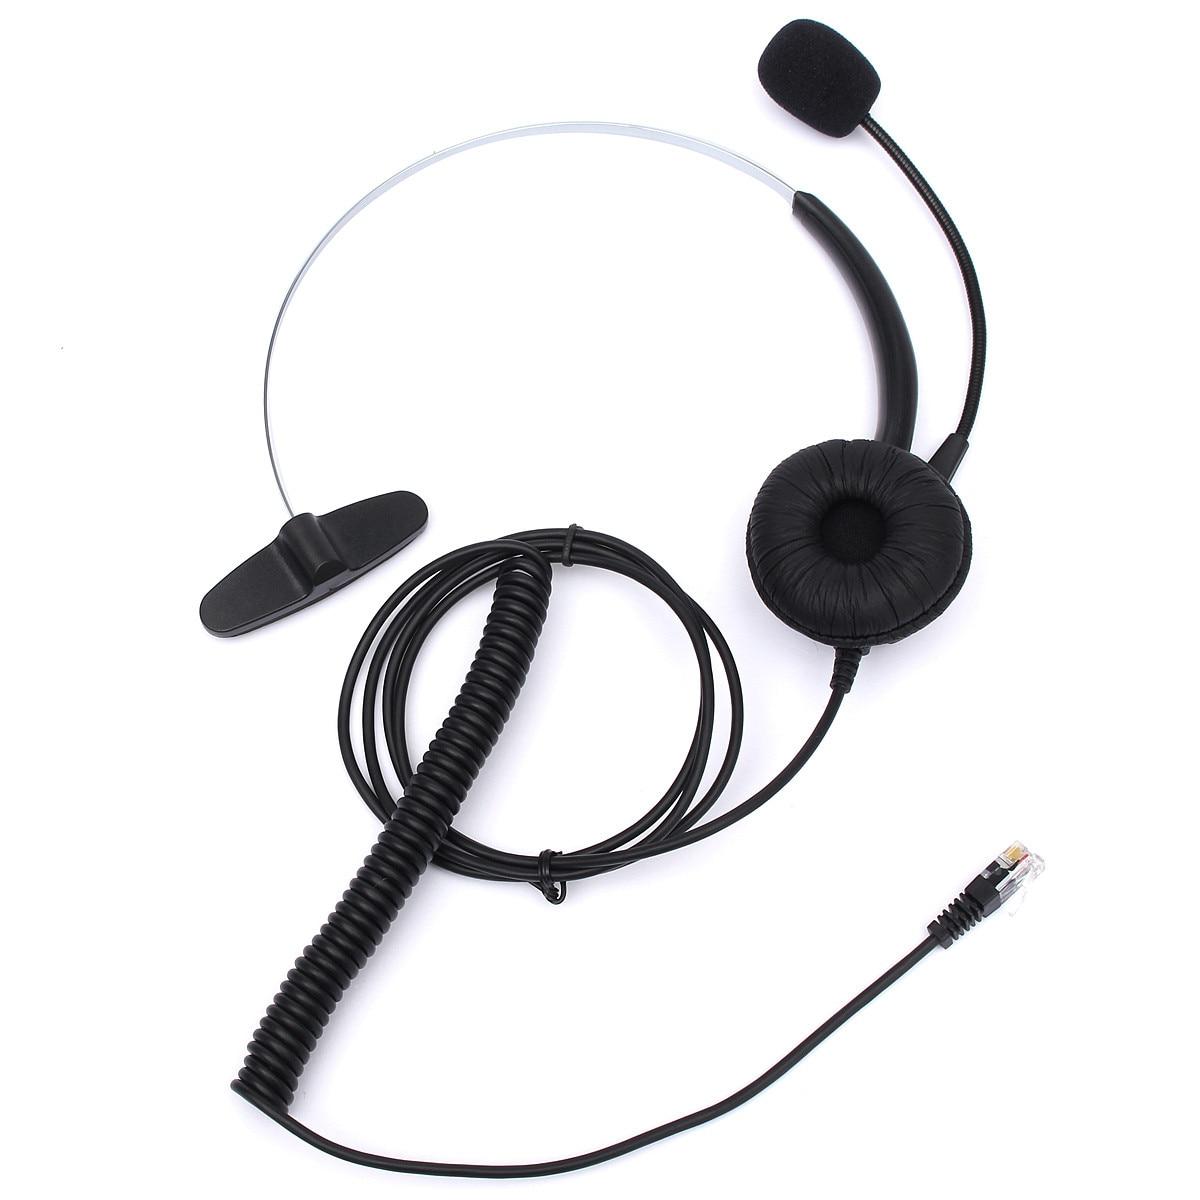 New RJ11 Auricolare Con Microfono In Metallo Regolabile Fascia Telefono cuffie di Riduzione Del Rumore Per Ufficio Call Center